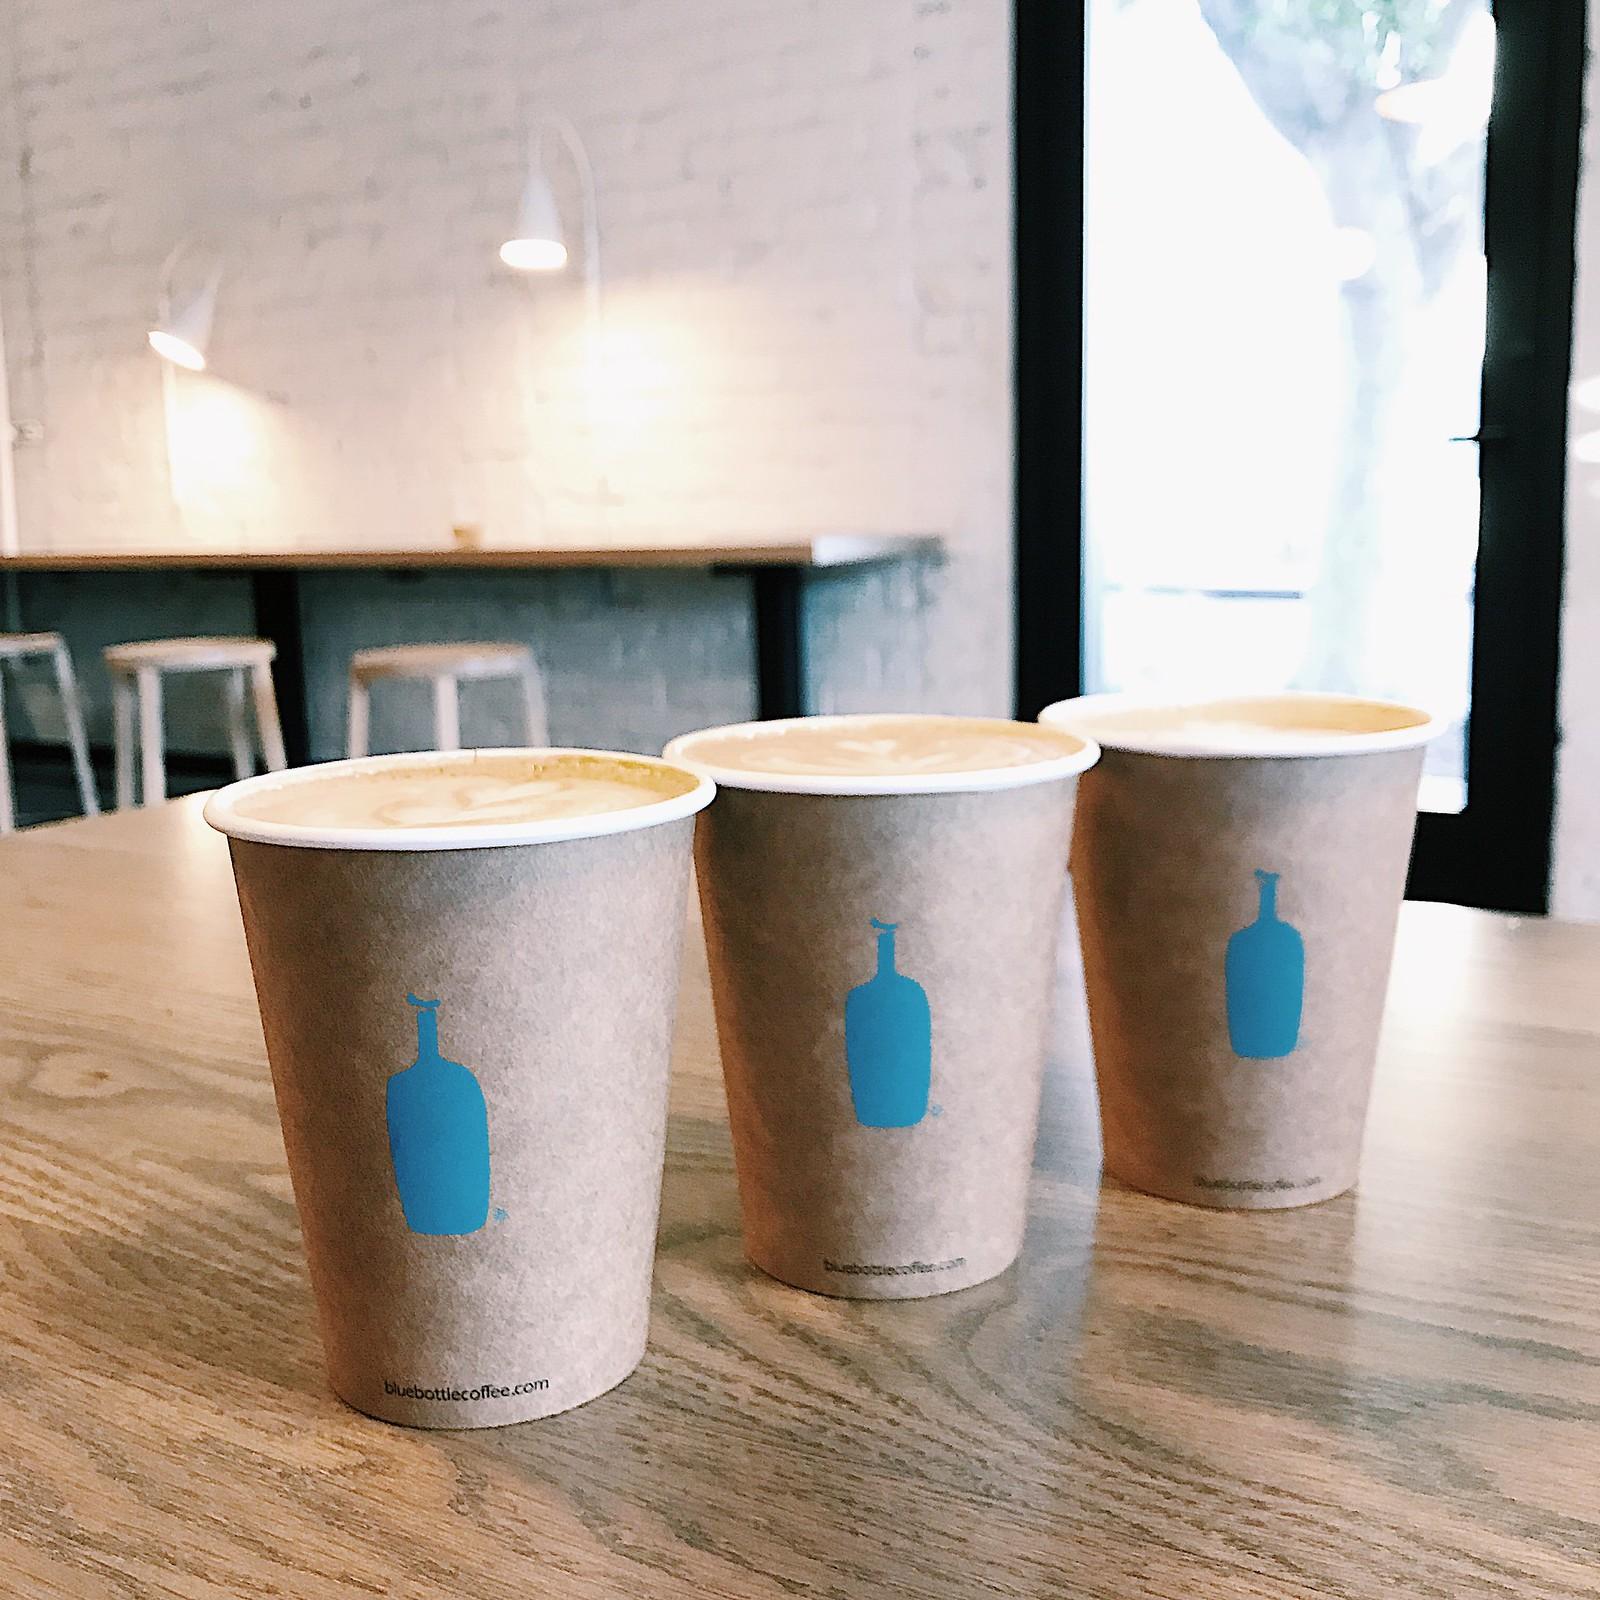 bluebottlecoffee-bluebottle-coffeeshots-coffeeart-latte-latteart-dtla-dinela-foodie-hipster-latstory-clothestoyouuu-elizabeeetht